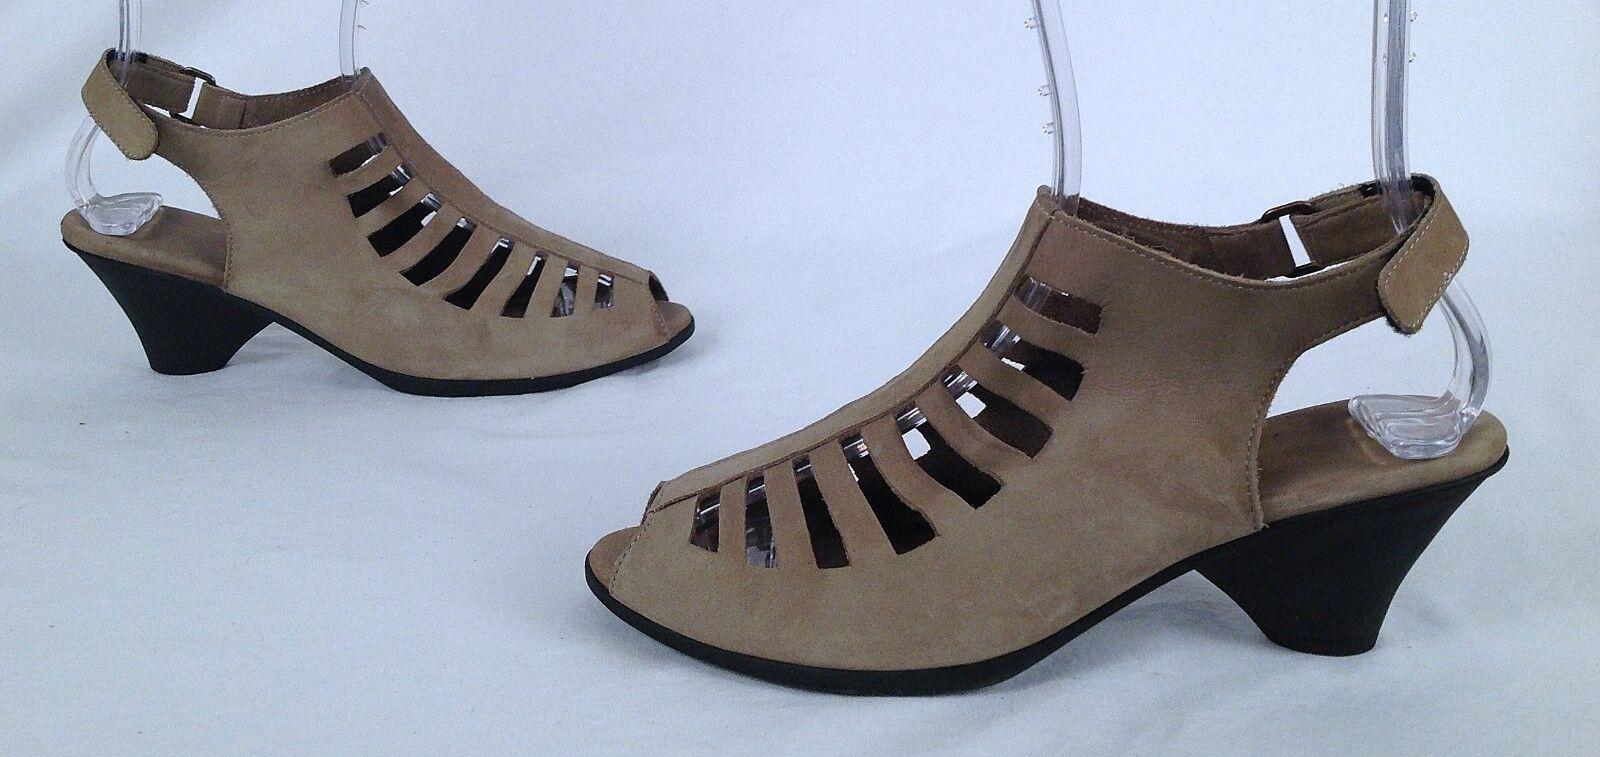 Arche Arche Arche 'Exor' Sandal - Sand- Size 9 US  40 EU -  345  (P22) 4203dc